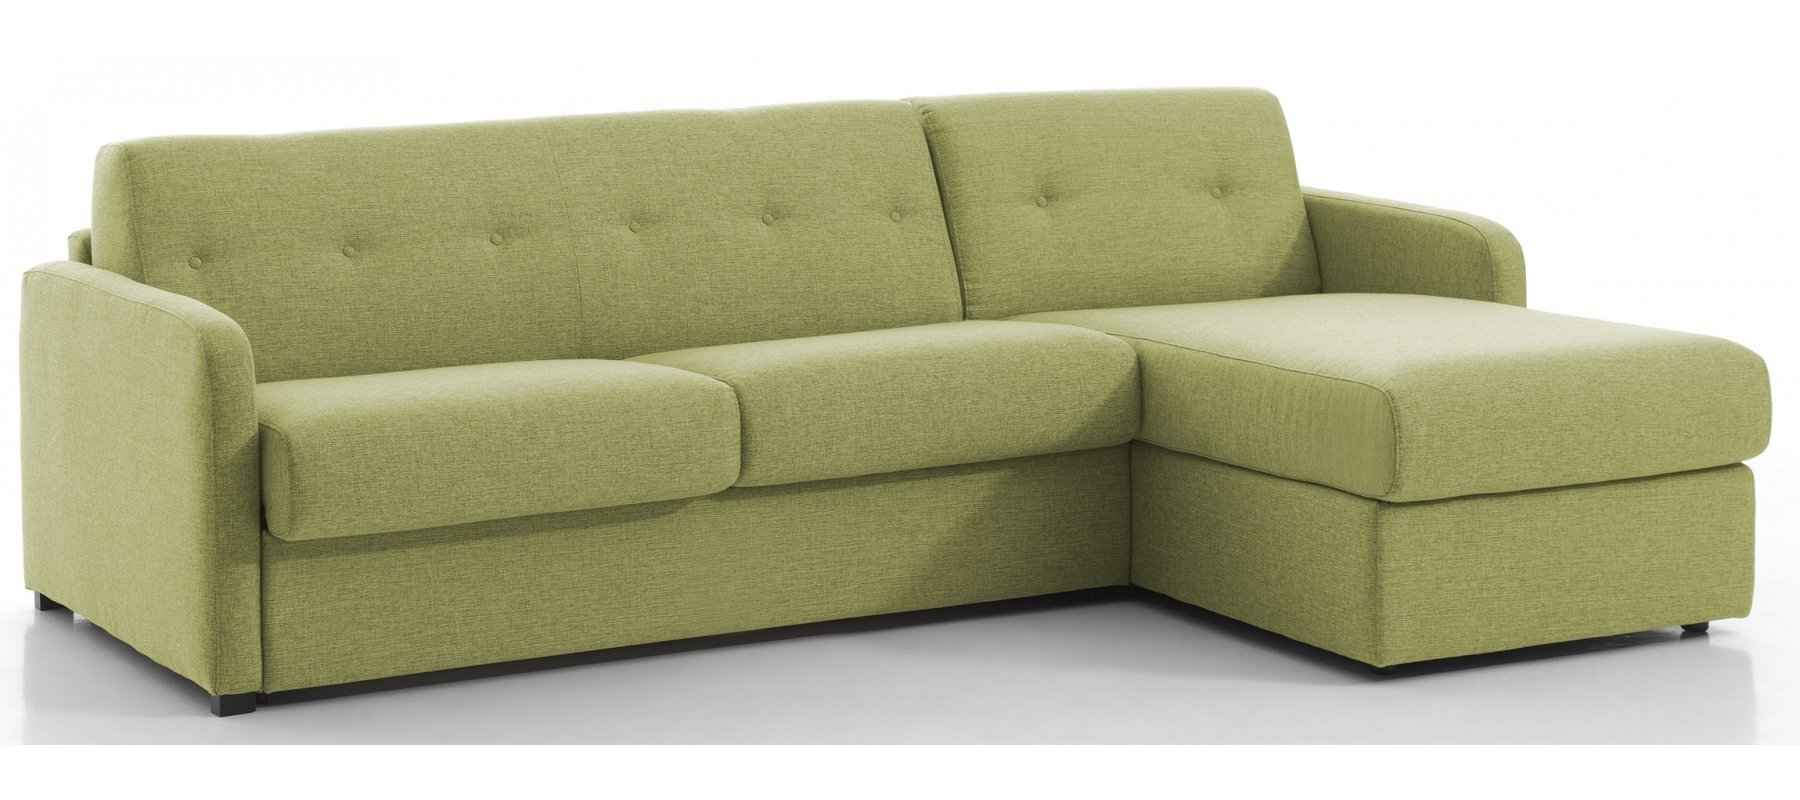 canap lit convertible d 39 angle bologne rapido avec m ridienne. Black Bedroom Furniture Sets. Home Design Ideas